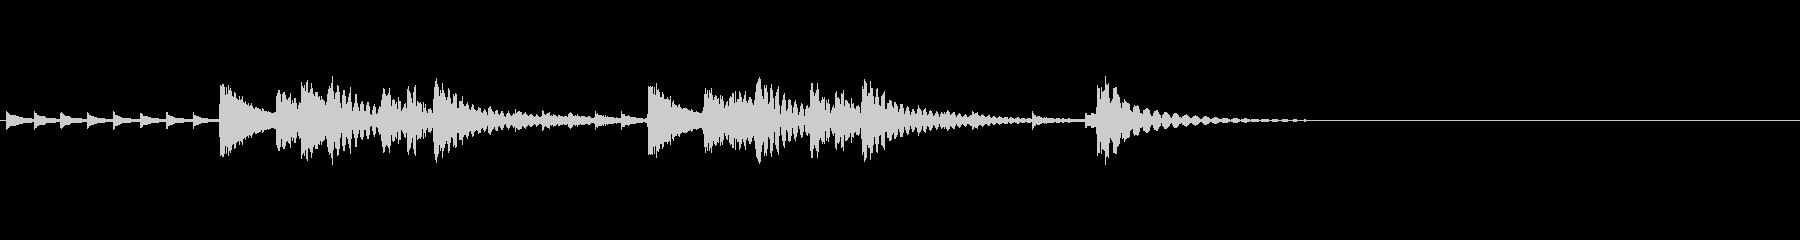 この曲は、阪急電鉄での期間限定企画乗…の未再生の波形